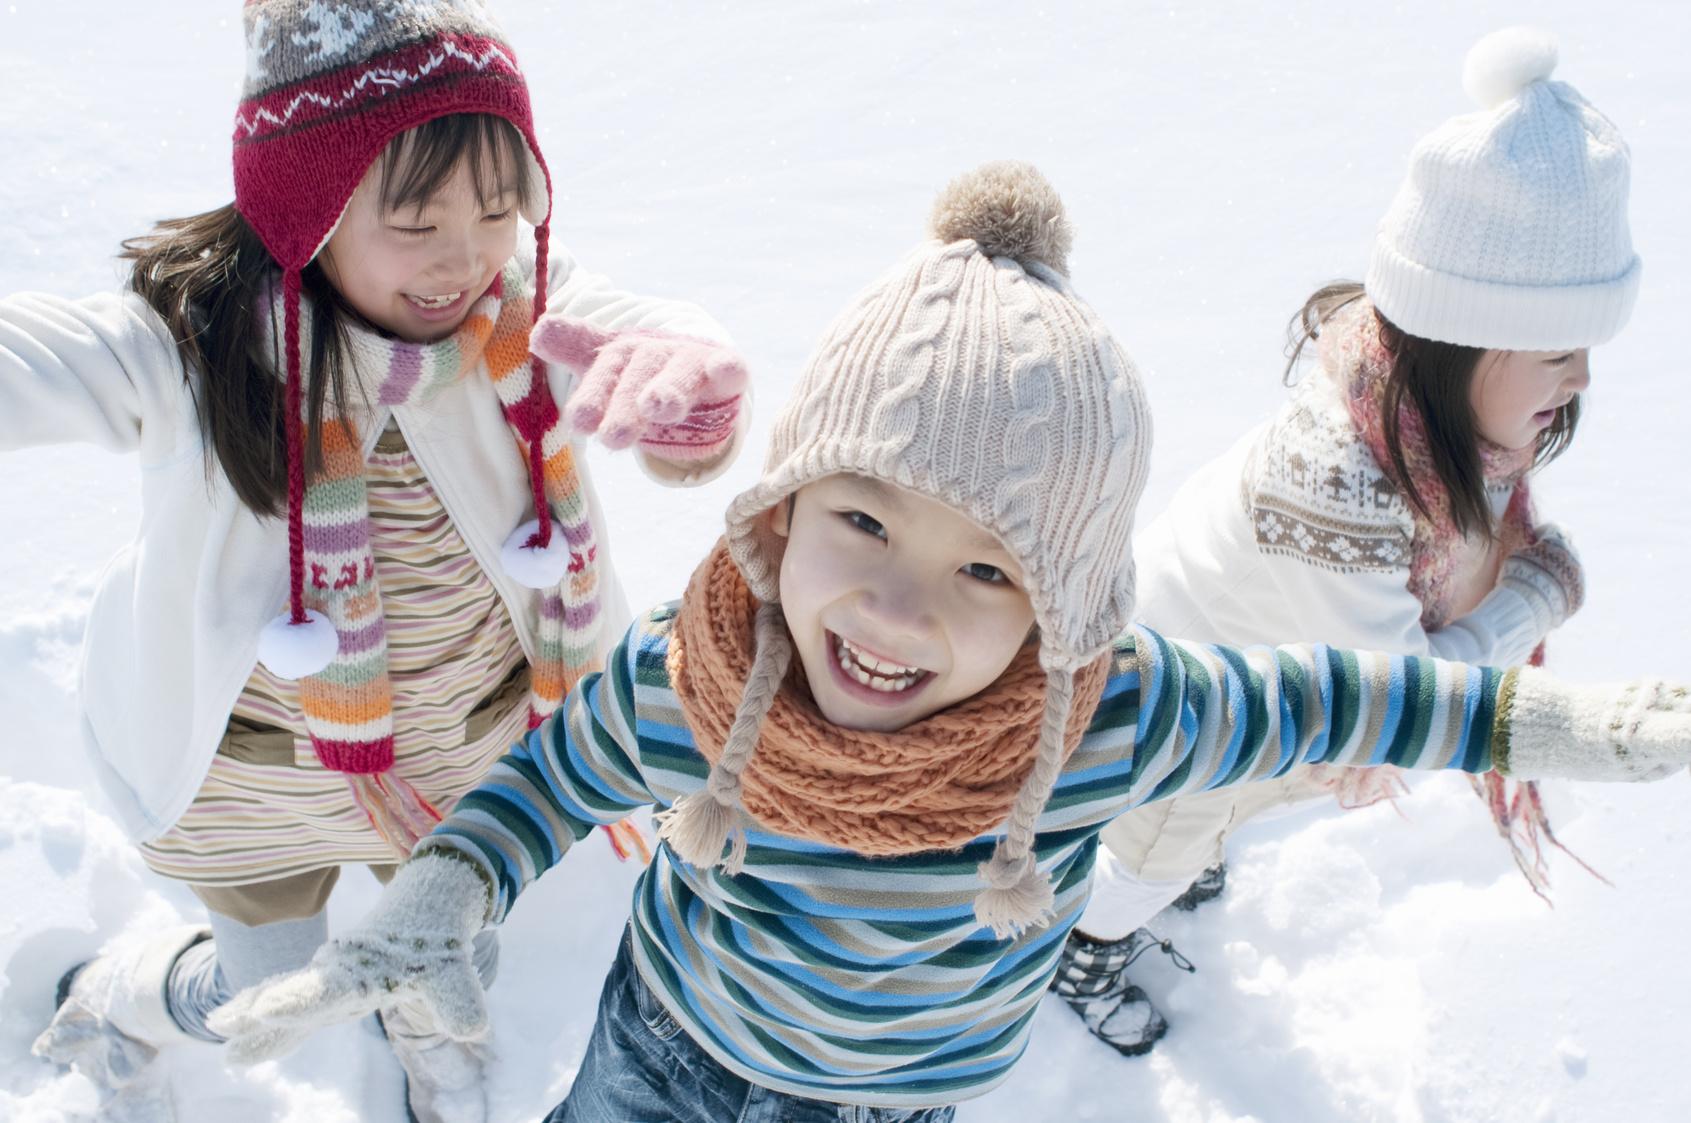 いつもと違う窓の外にワクワク…!「雪の絵本」とっておき2冊【絵本ナビ編集長select 1月】